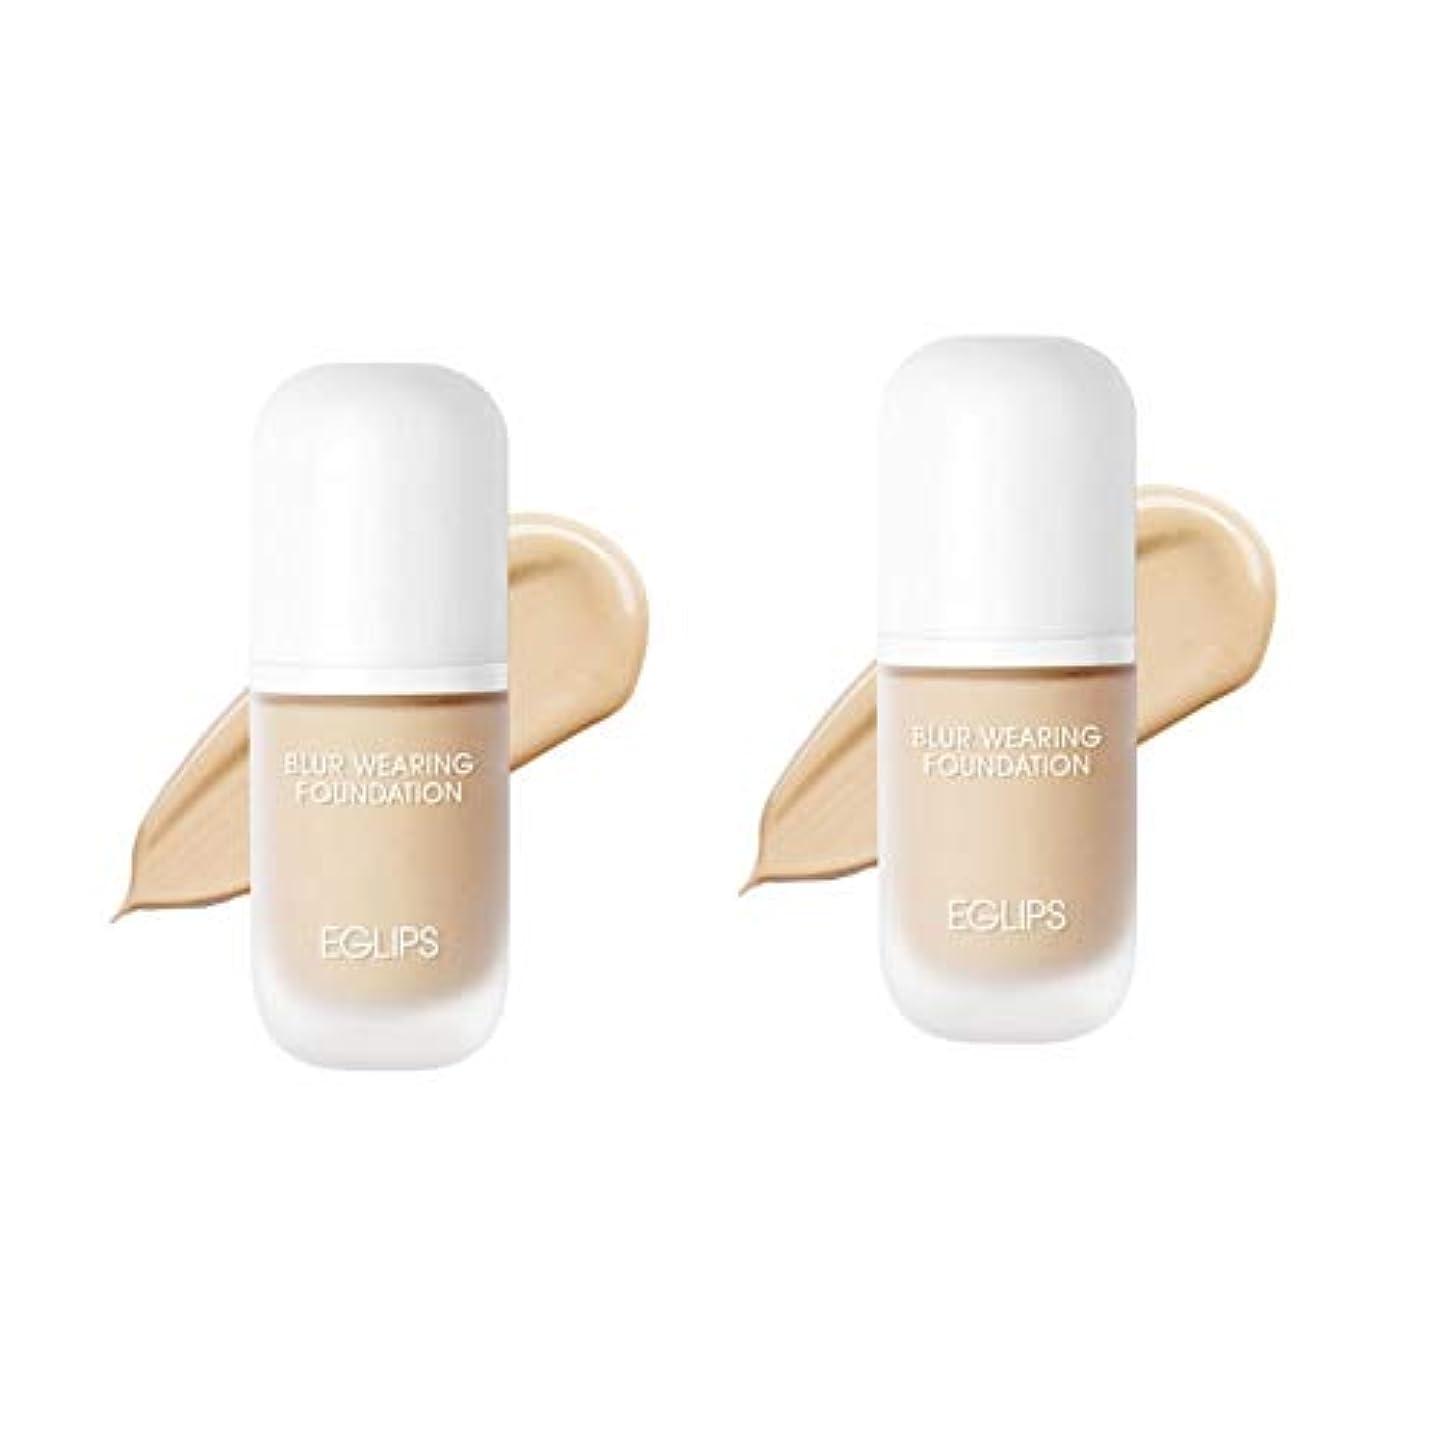 イーグルリップスブラーウェアリングファンデーション 30mlx2本セット3カラー韓国コスメ、EGLIPS Blur Wearing Foundation 30ml x 2ea Set 3 Colors Korean Cosmetics...